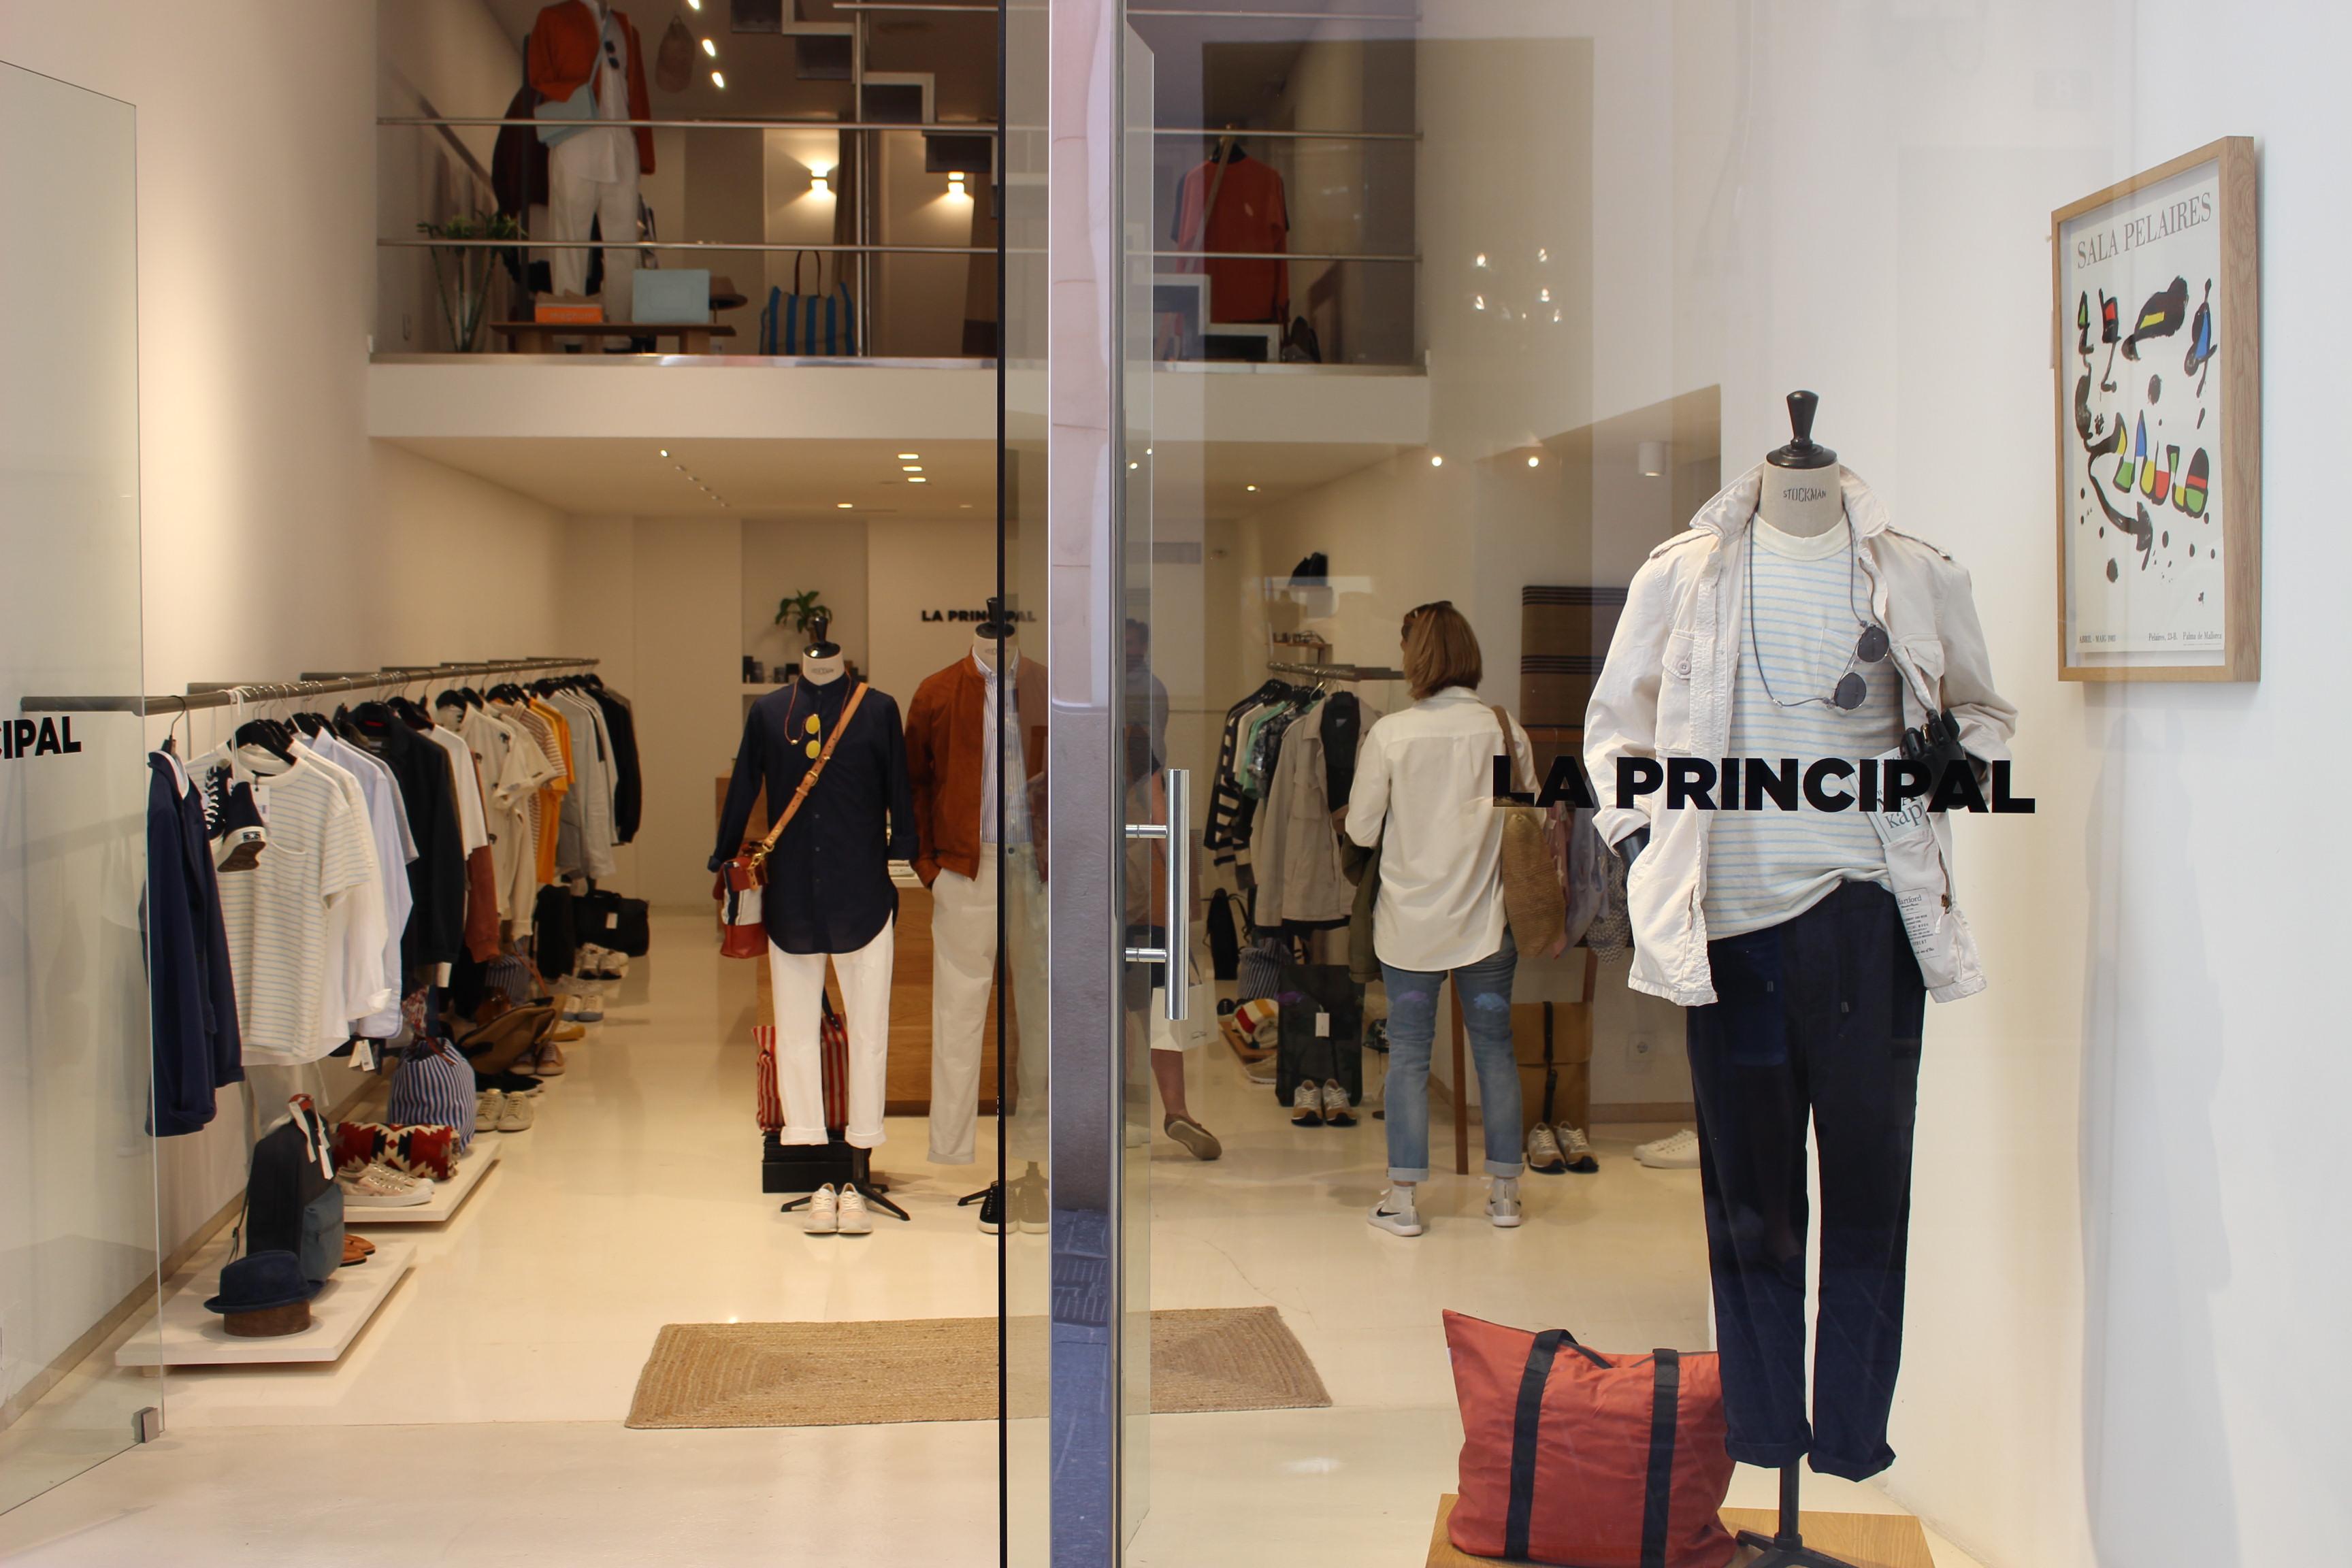 The Best Fashion Boutiques in Palma de Mallorca